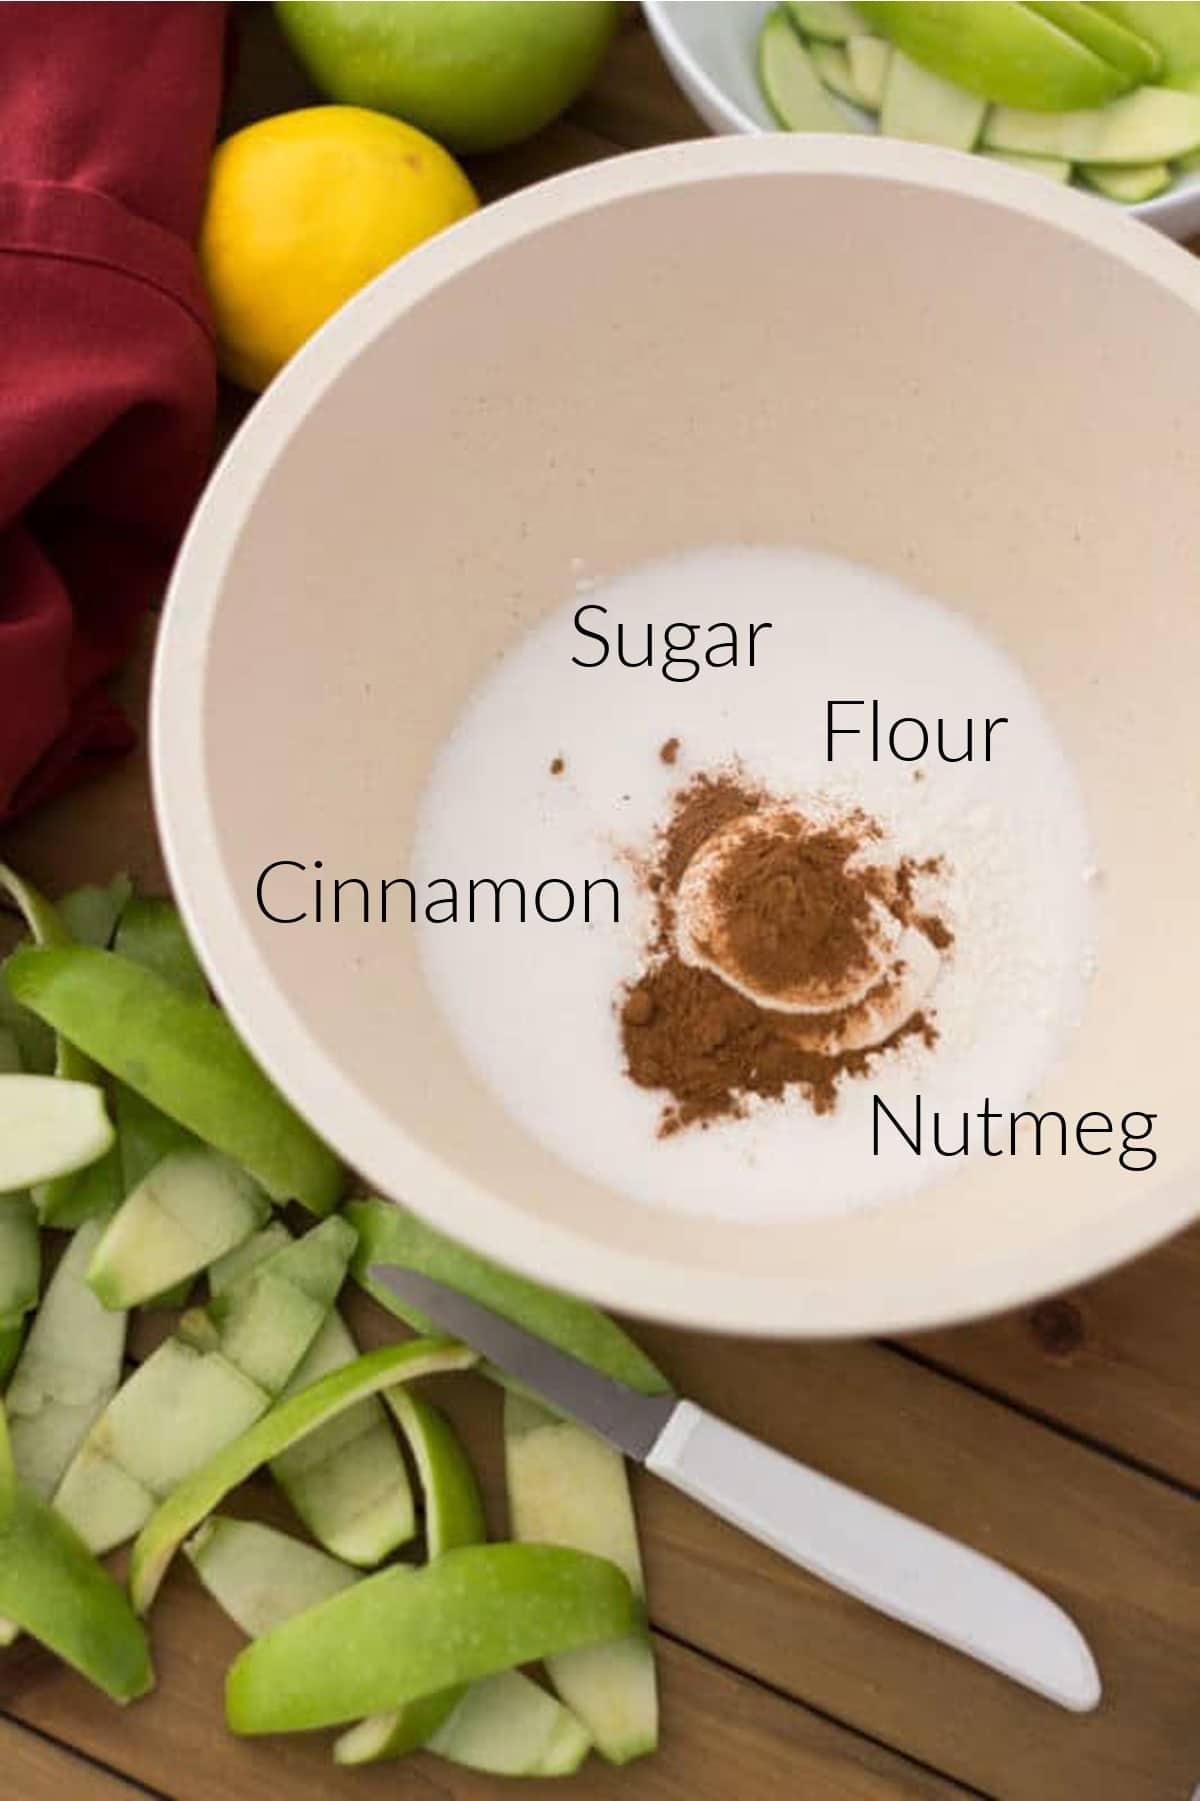 Wooden bowl containing flour, cinnamon, nutmeg and flour, granny smith apple peelings on table.